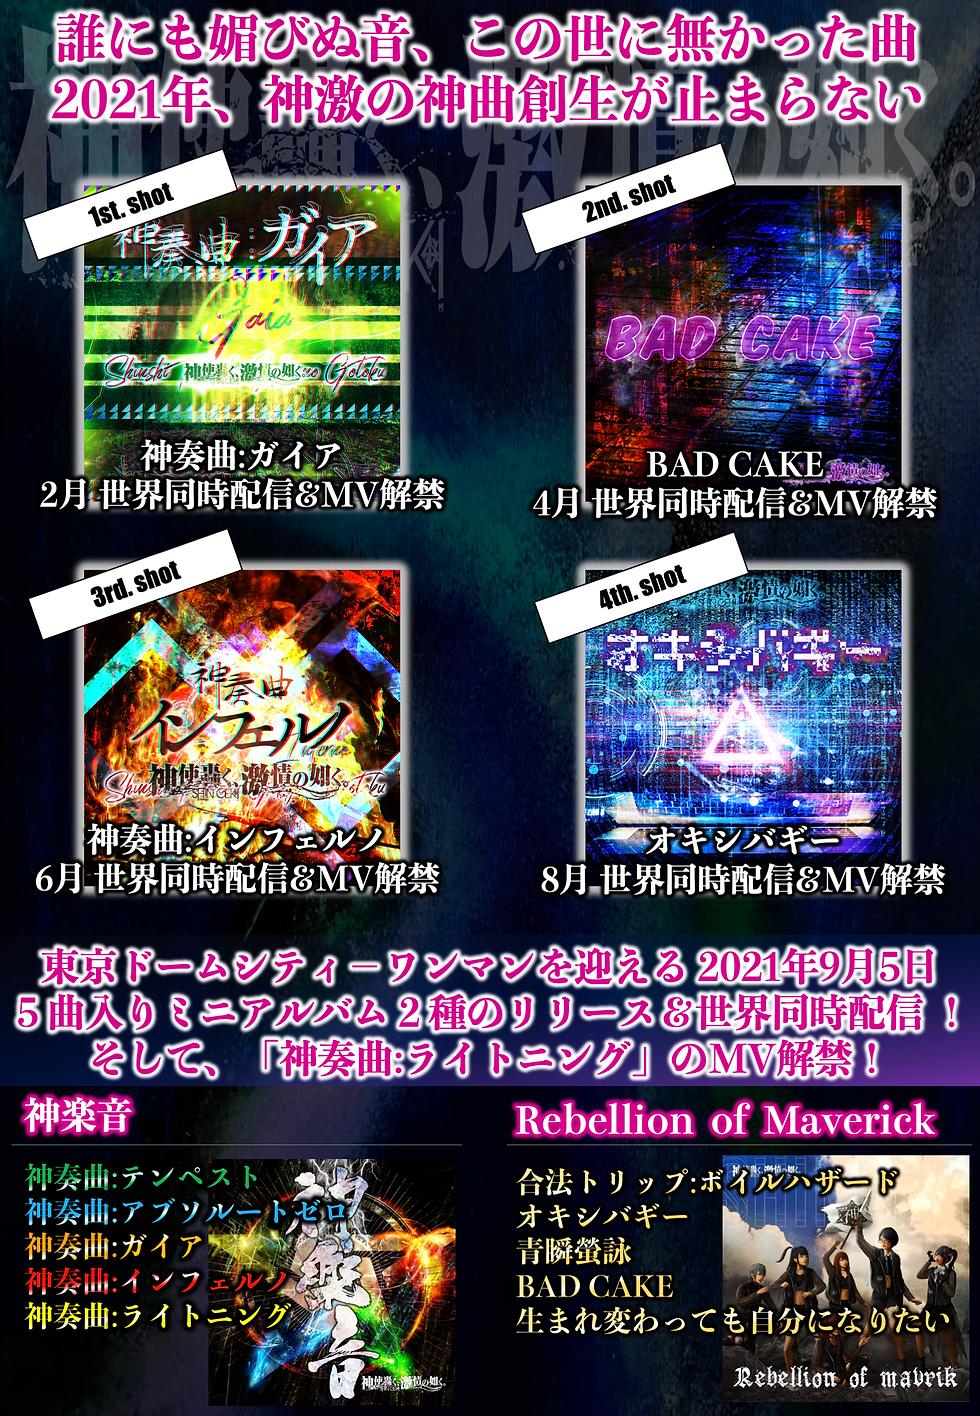 2021-01-31_2021神激リリース情報.png